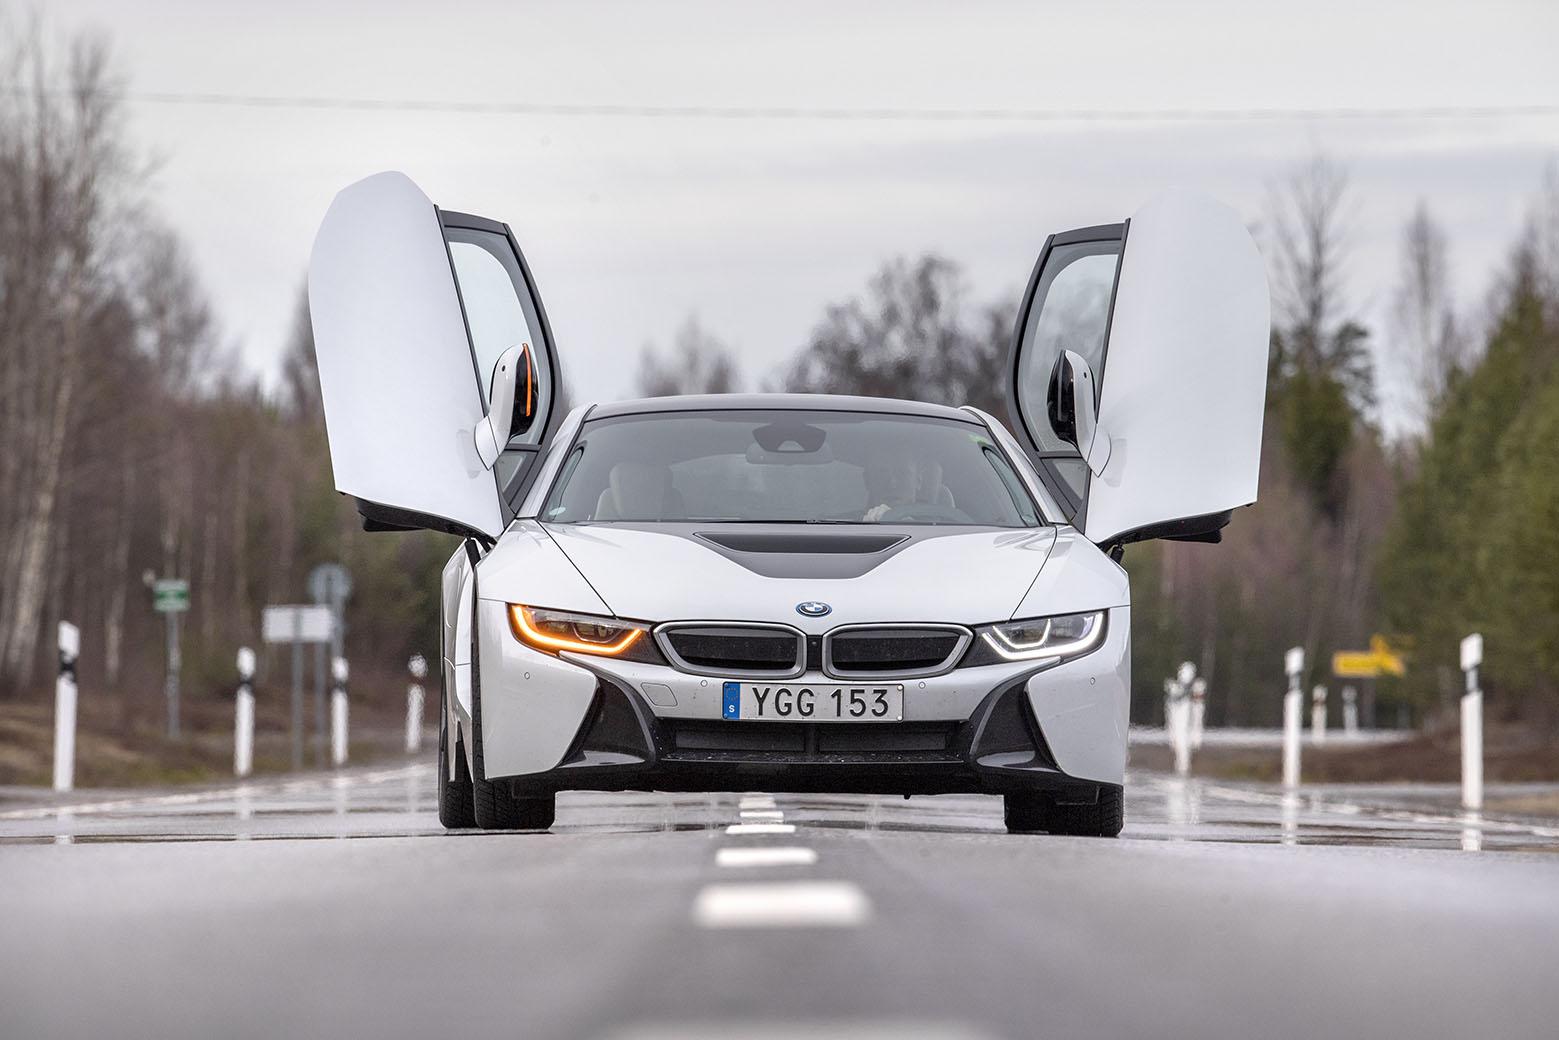 smSN BMW i8 5 170314